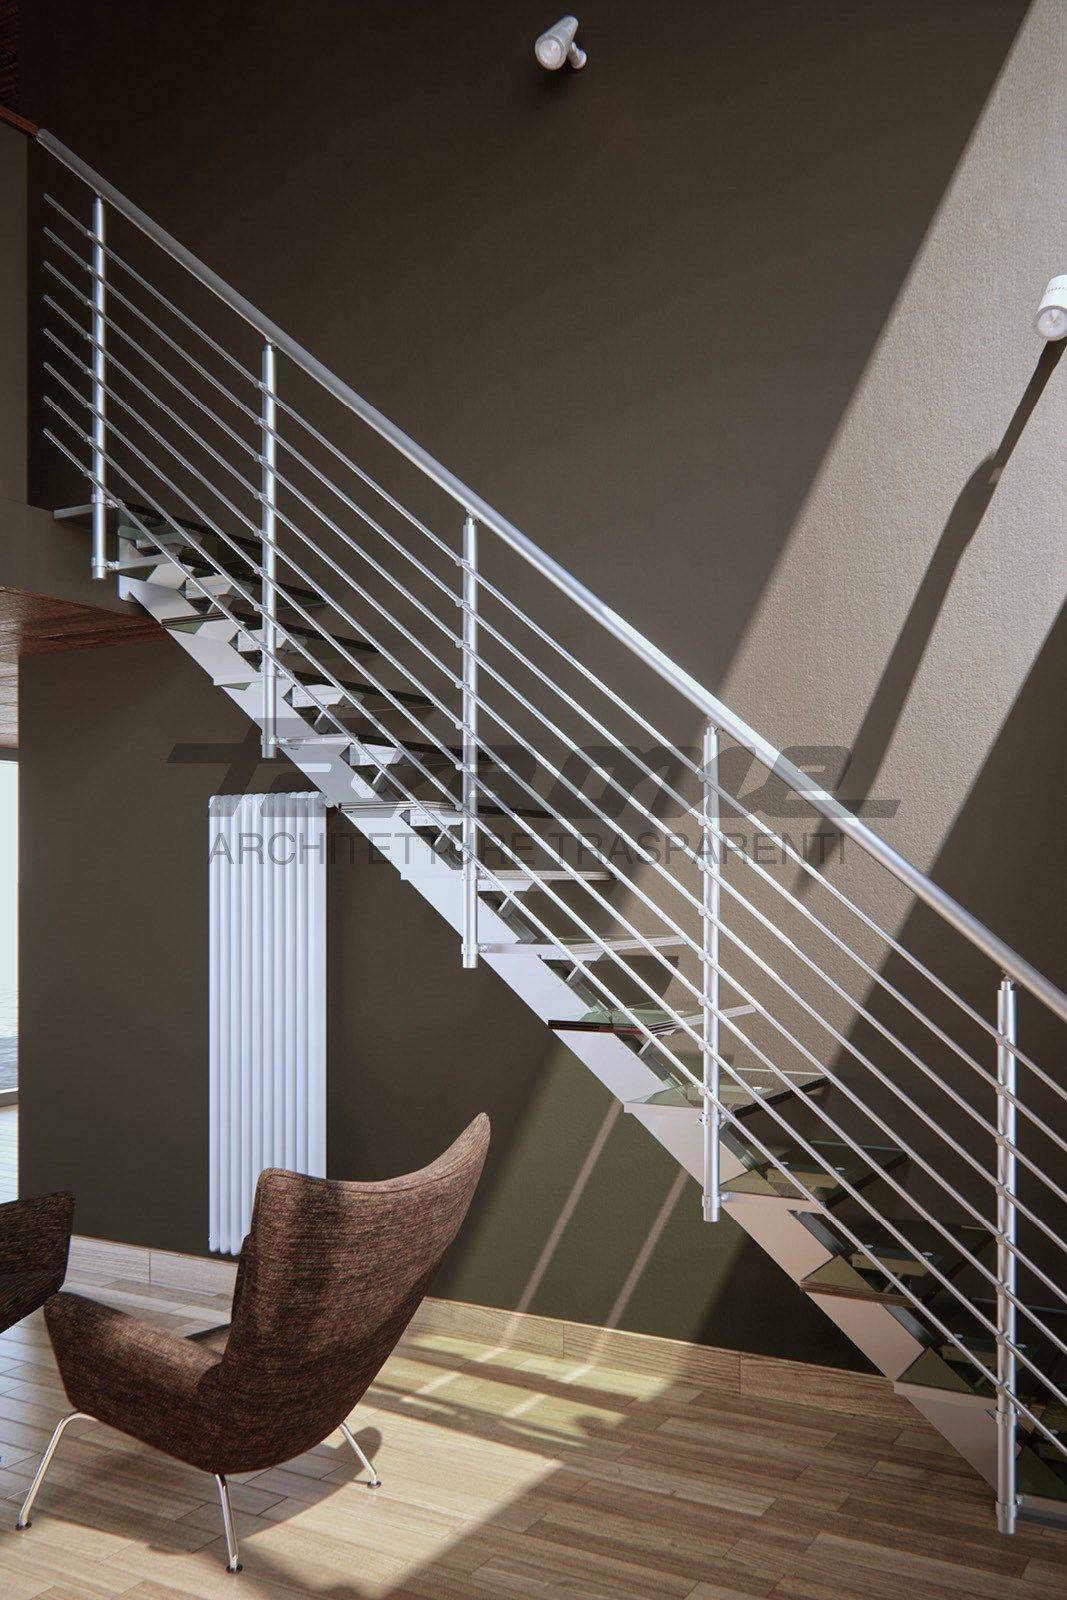 escalier ouvert droit en aluminium et verre essenza collection escaliers by faraone design. Black Bedroom Furniture Sets. Home Design Ideas